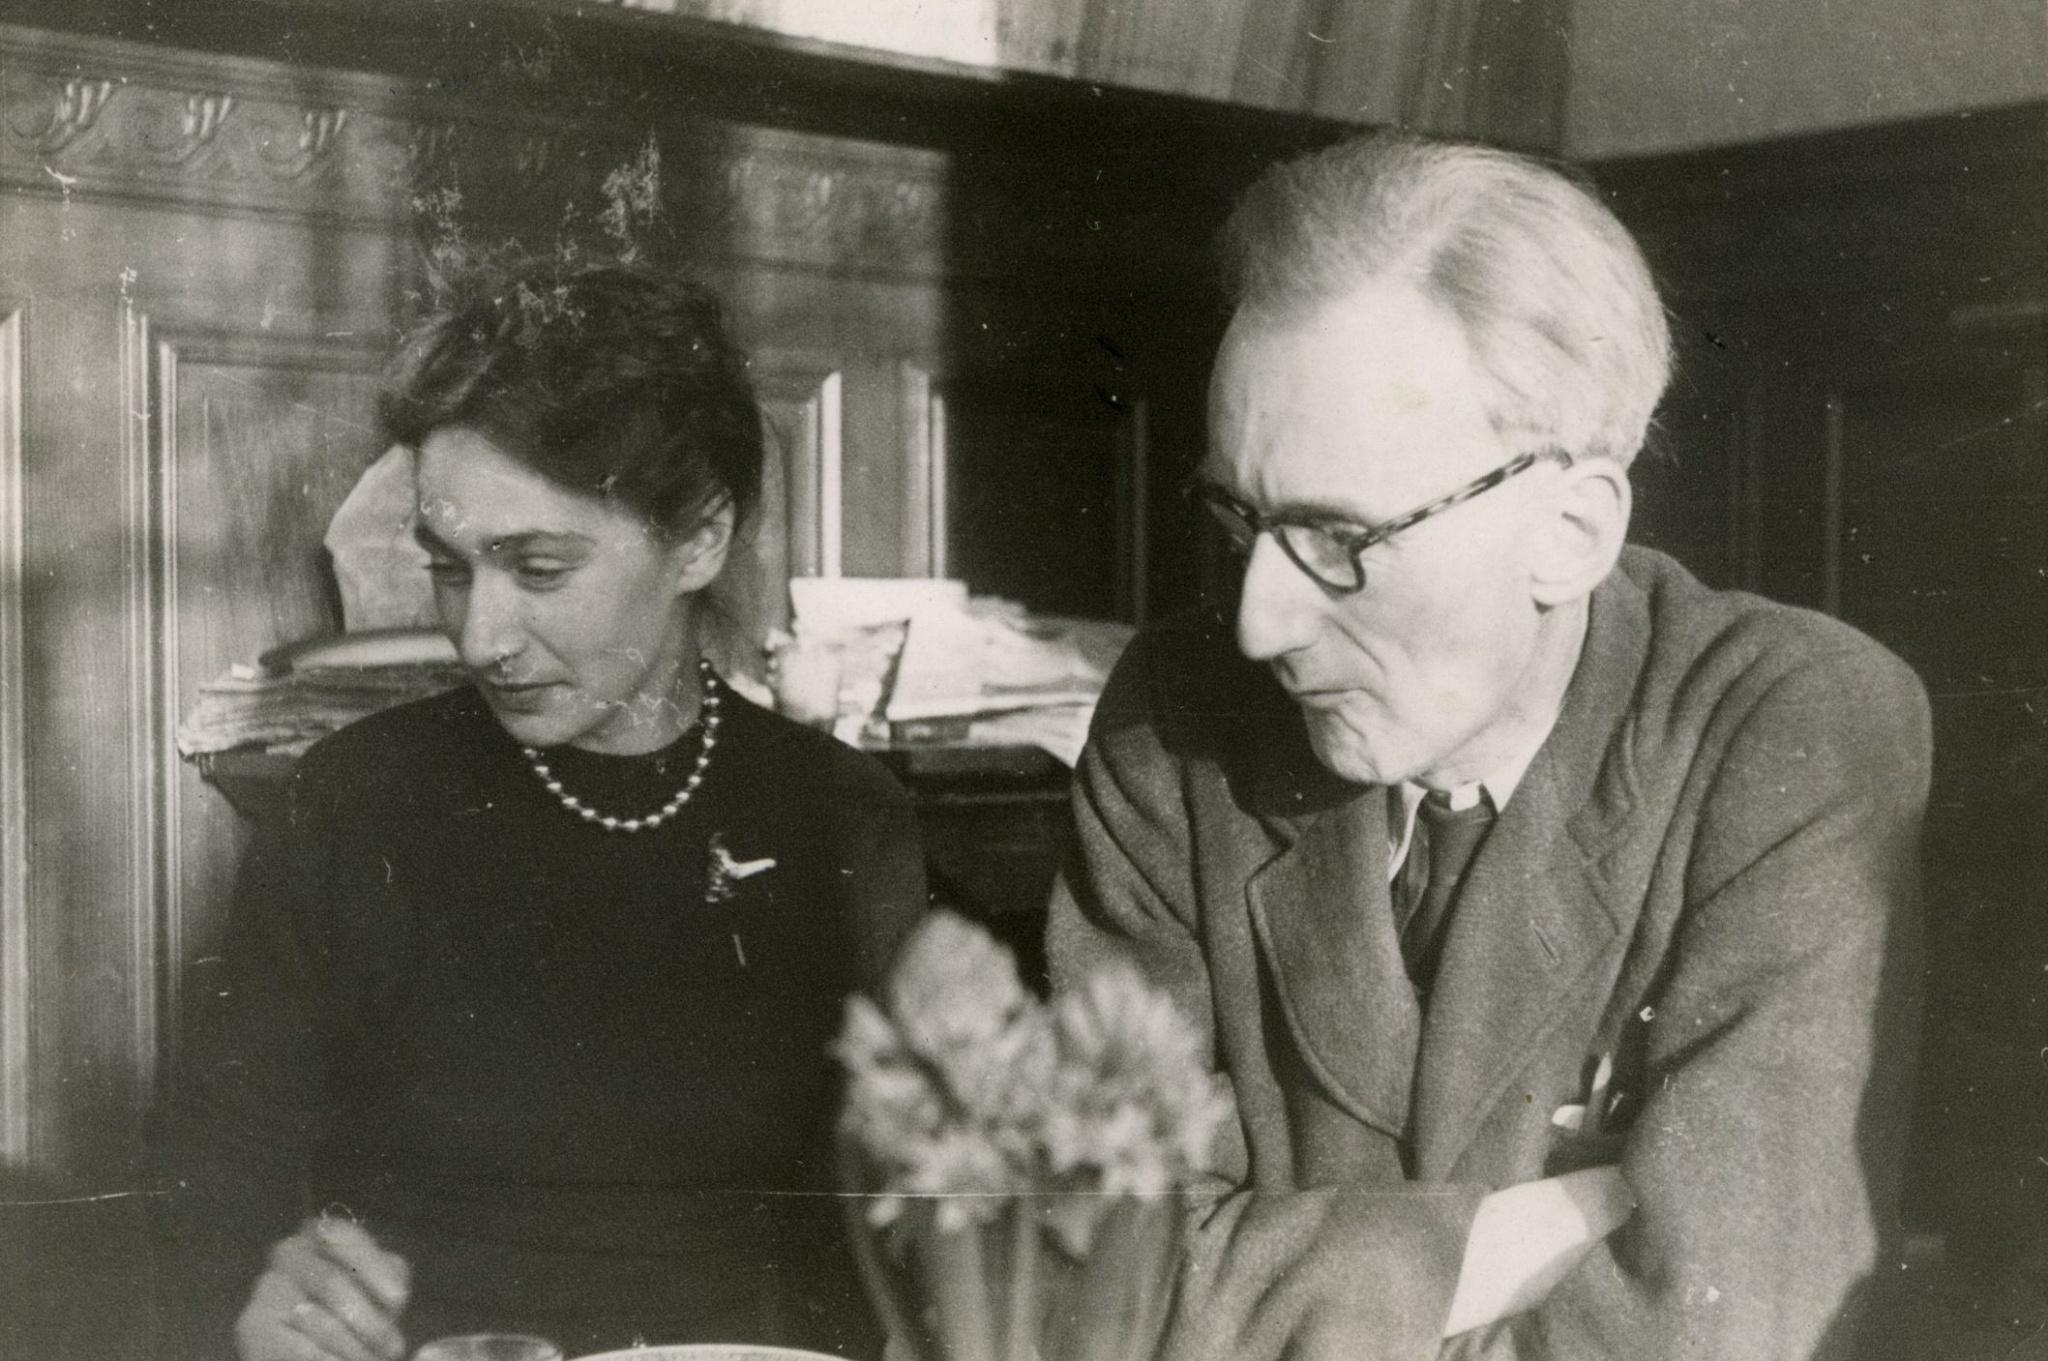 <div class='inner-box'><div class='close-desc'></div>  <span class='opis'>Zofia Hertz i Józef Czapski. Corneille, 1948</span>   </div>